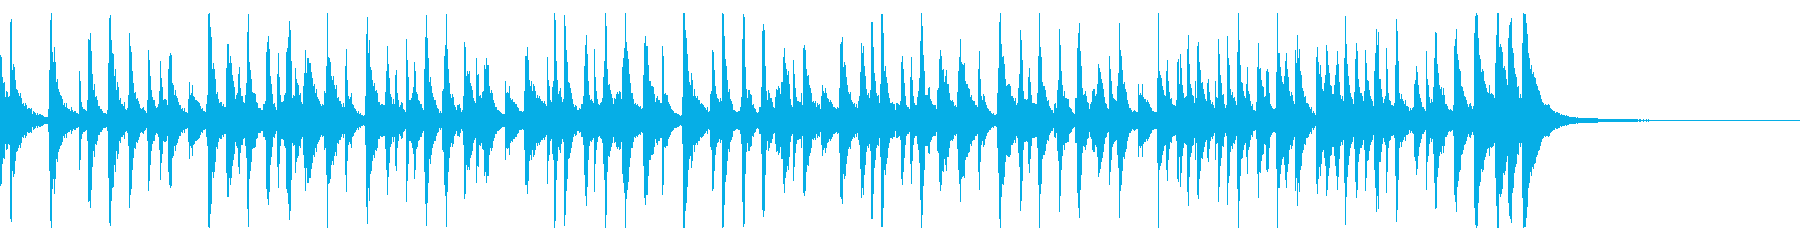 出囃子アレンジの「通りゃんせ」の再生済みの波形